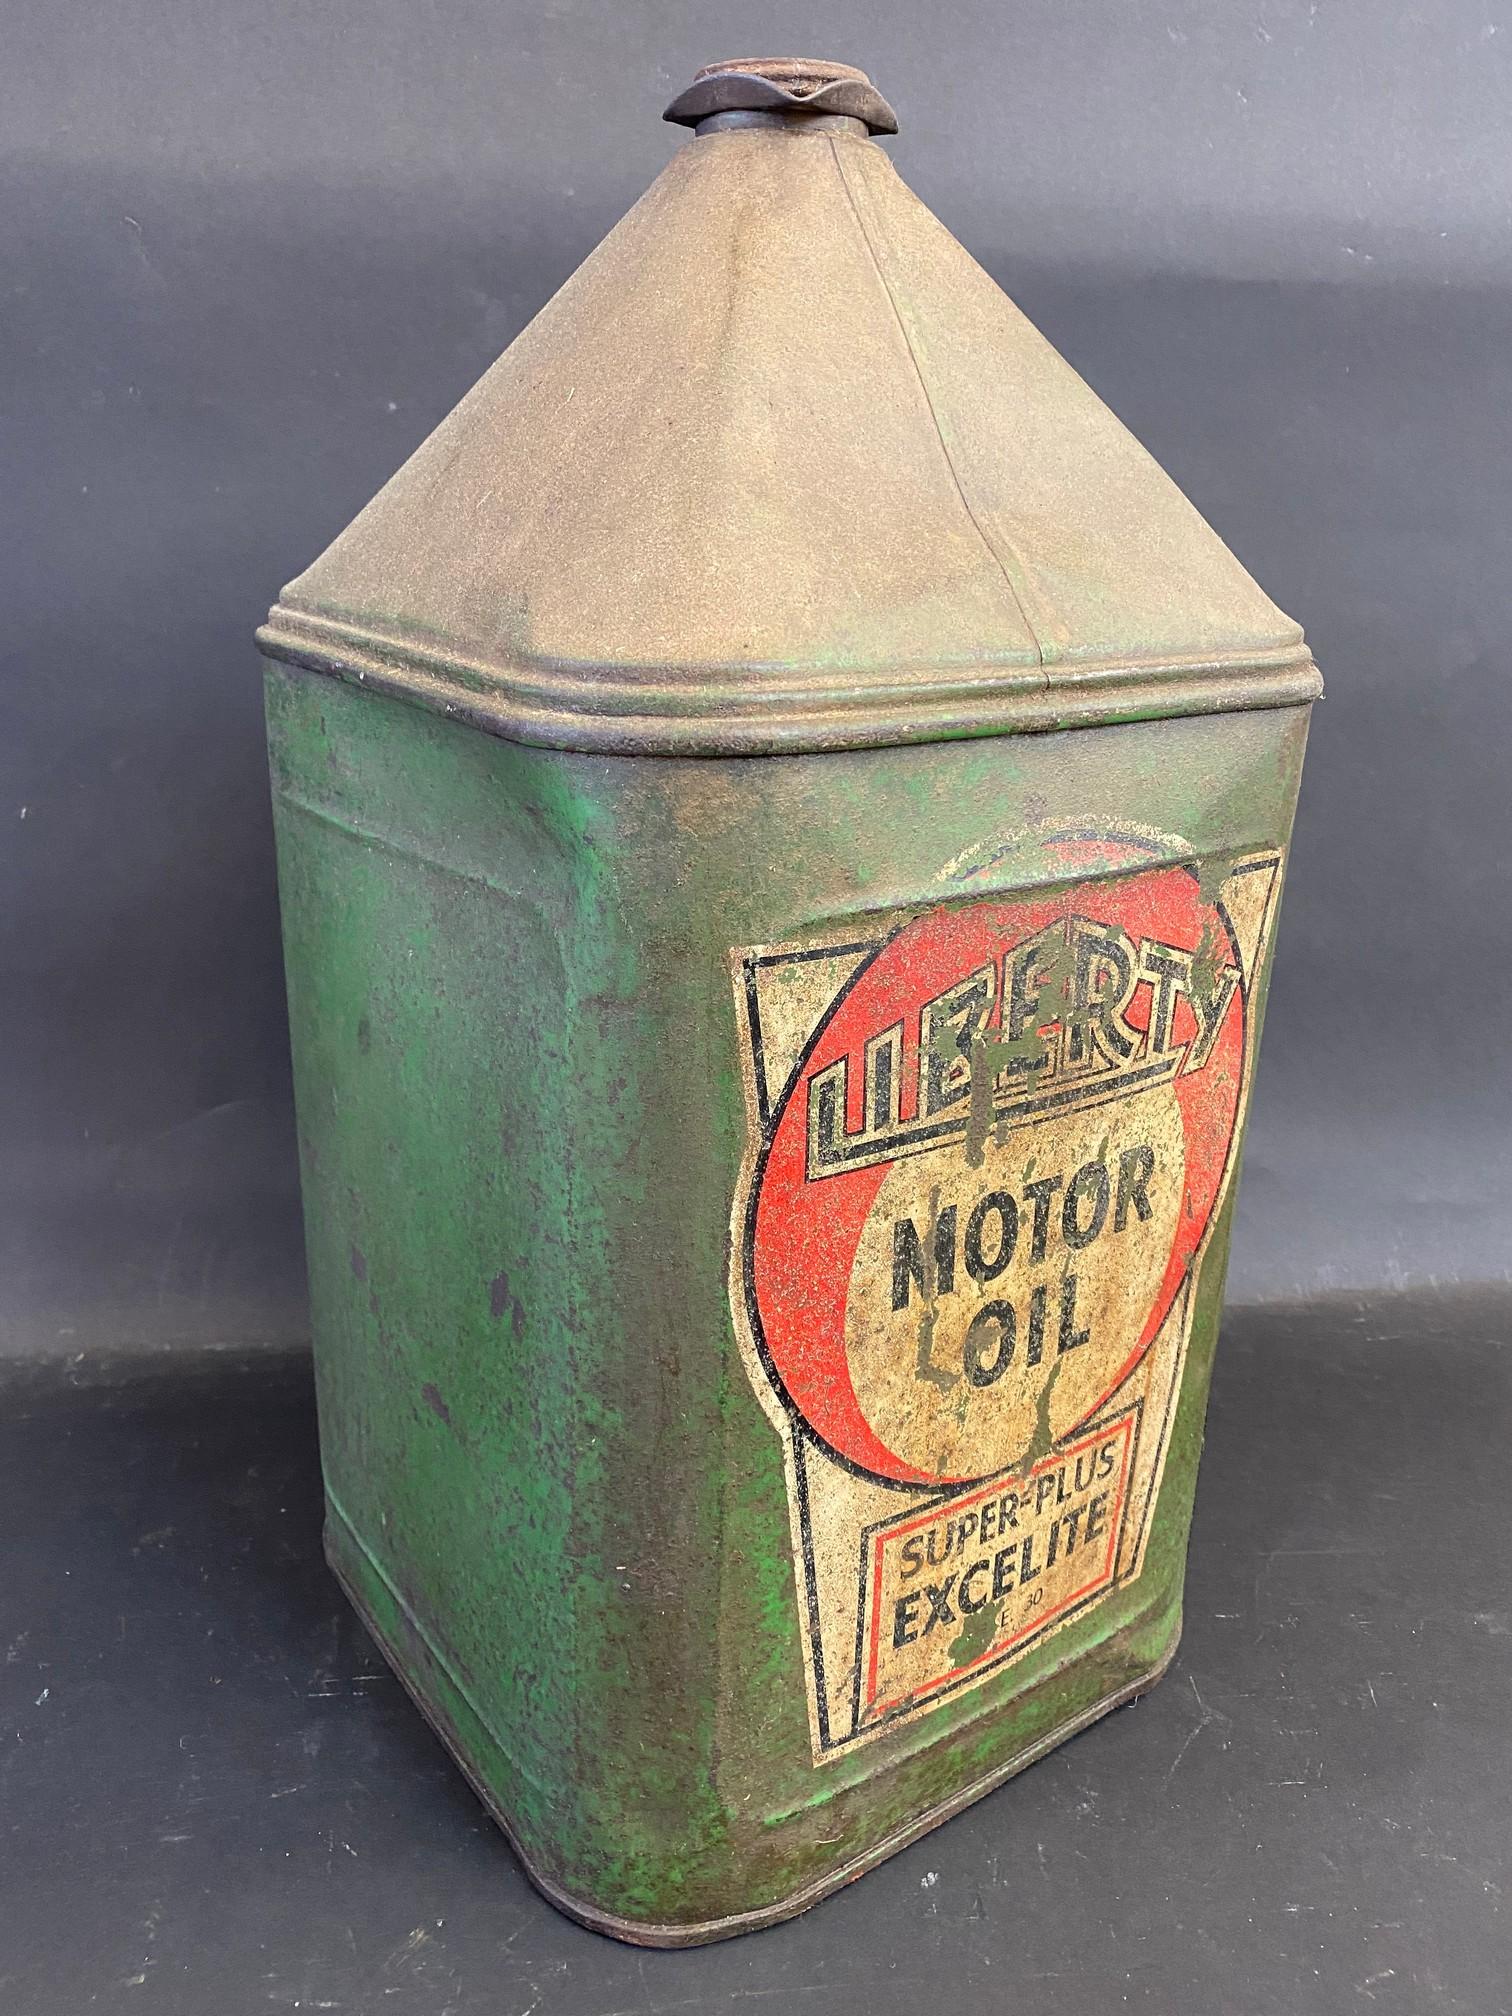 A Liberty Motor Oil square five gallon pyramid can.